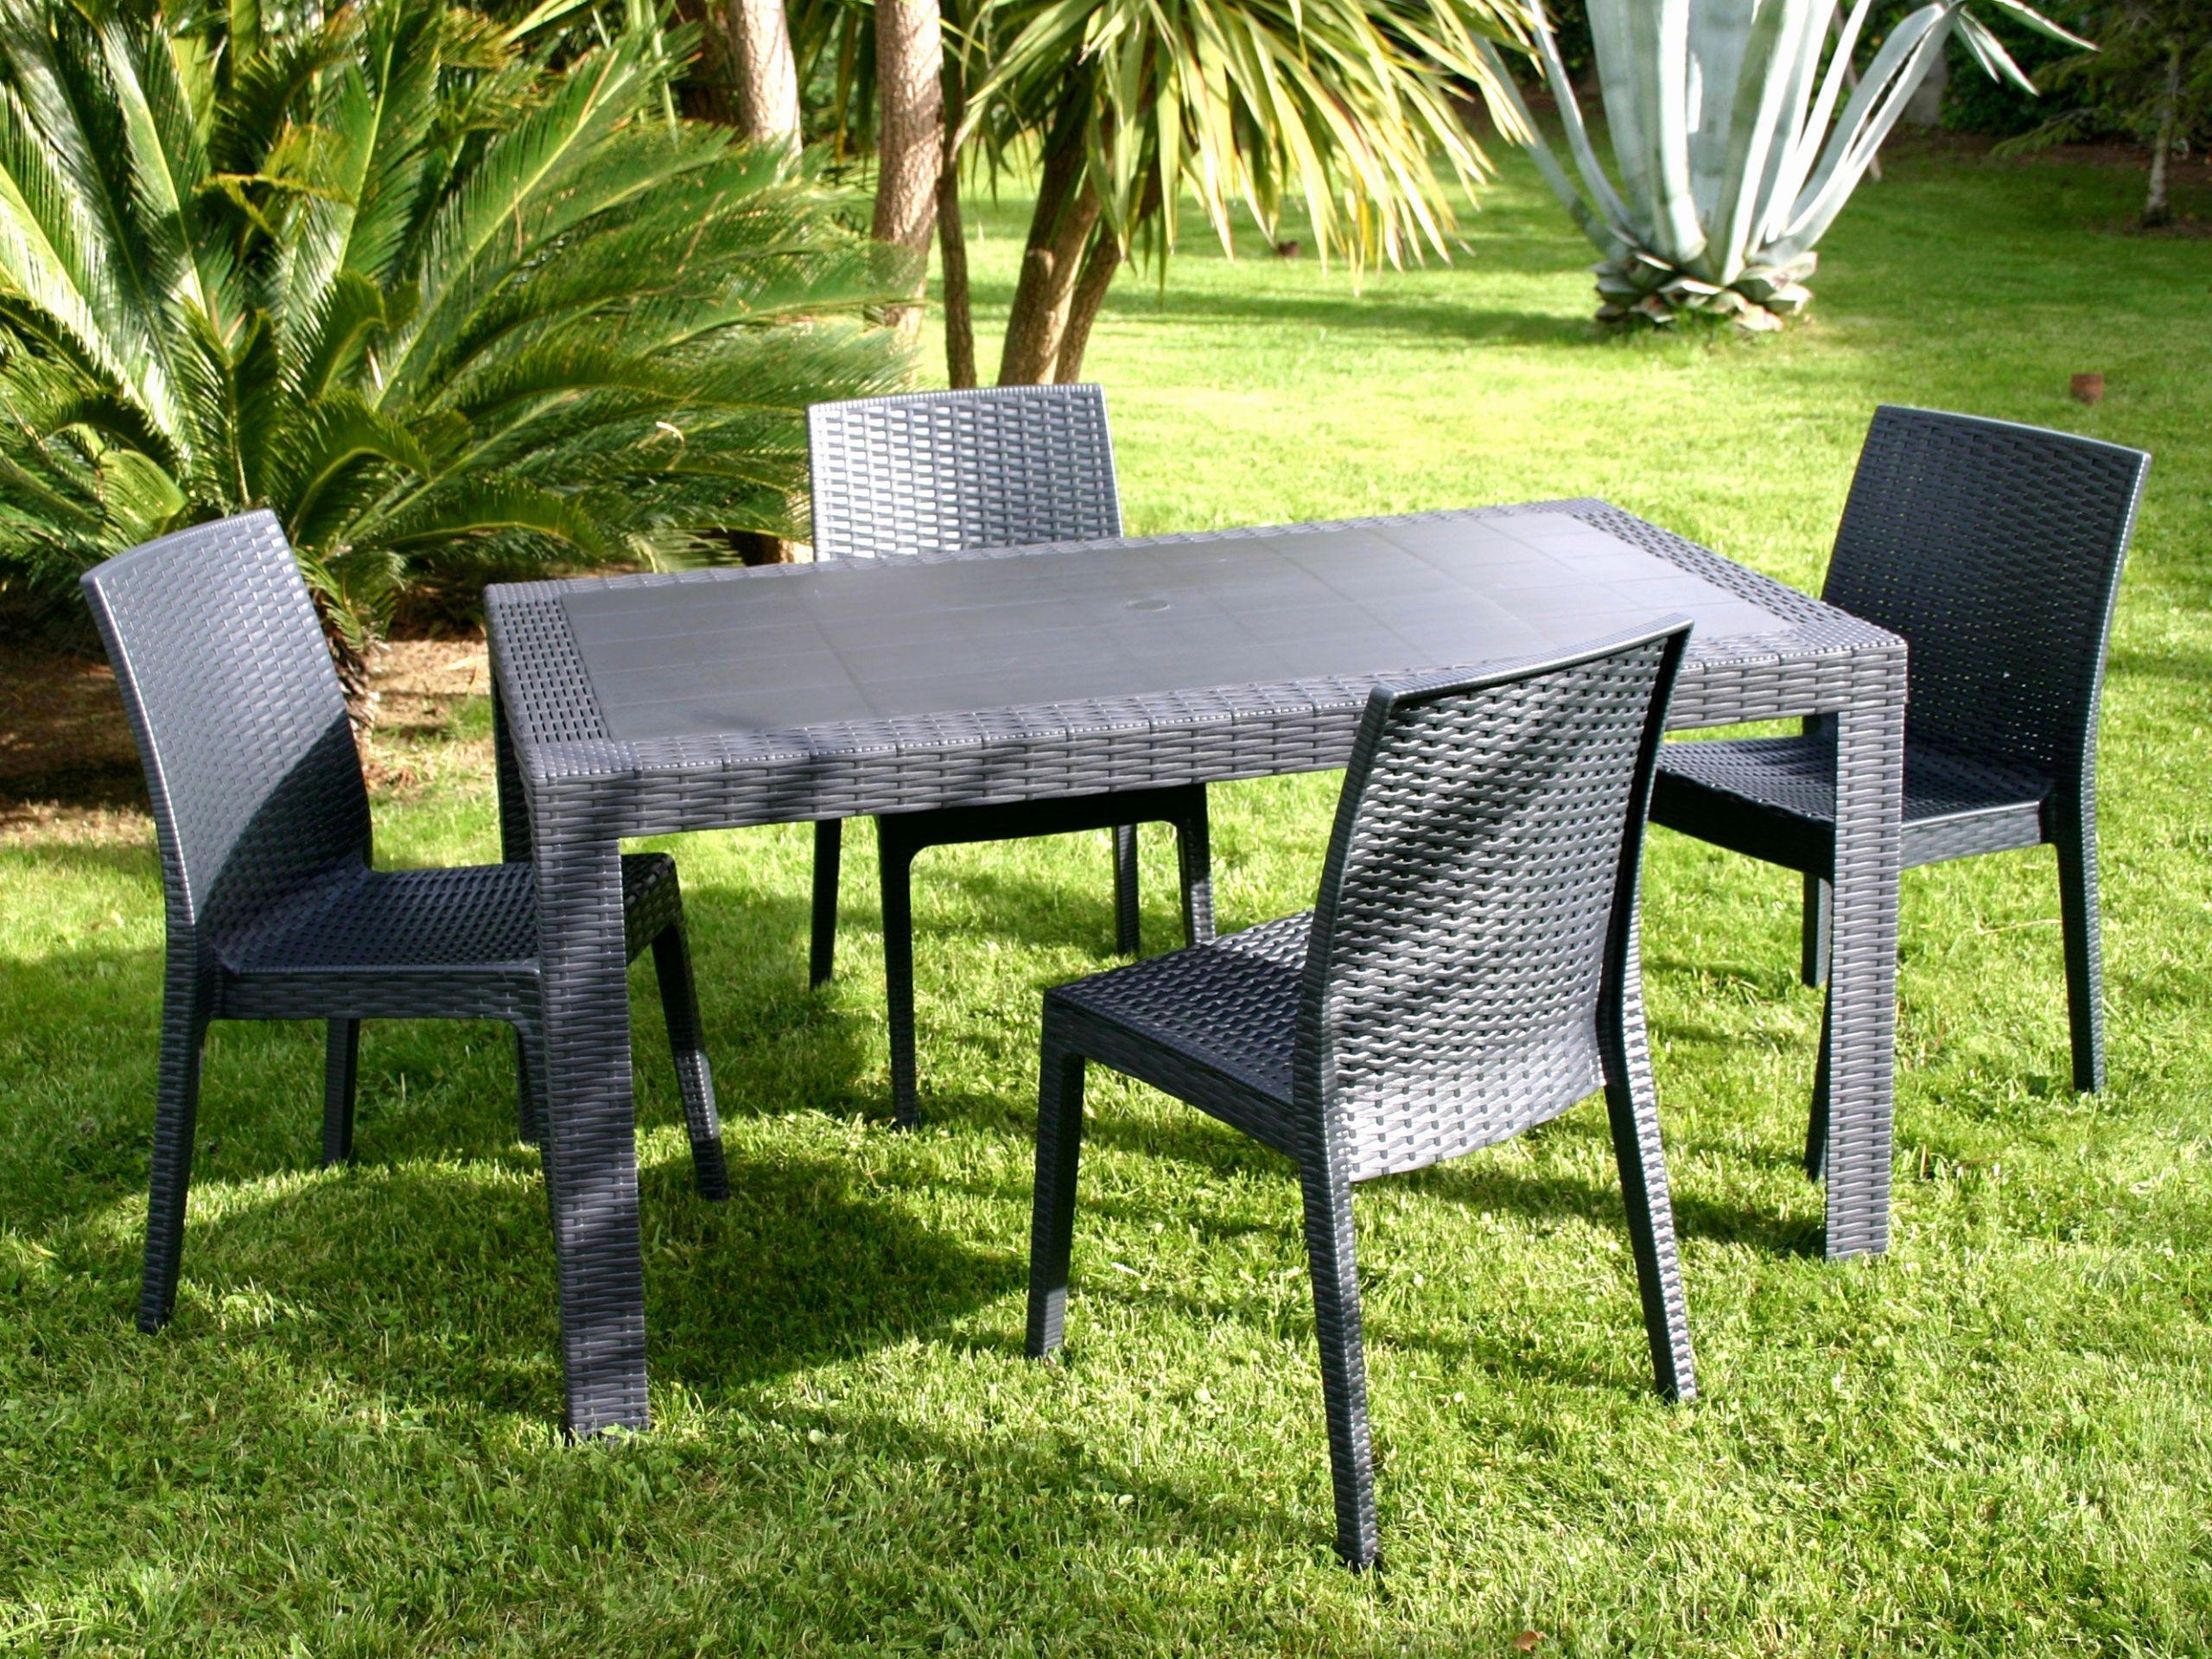 Table Exterieur Carrefour Best Of Catalogue Carrefour Abris ... destiné Salon De Jardin Pas Cher Carrefour